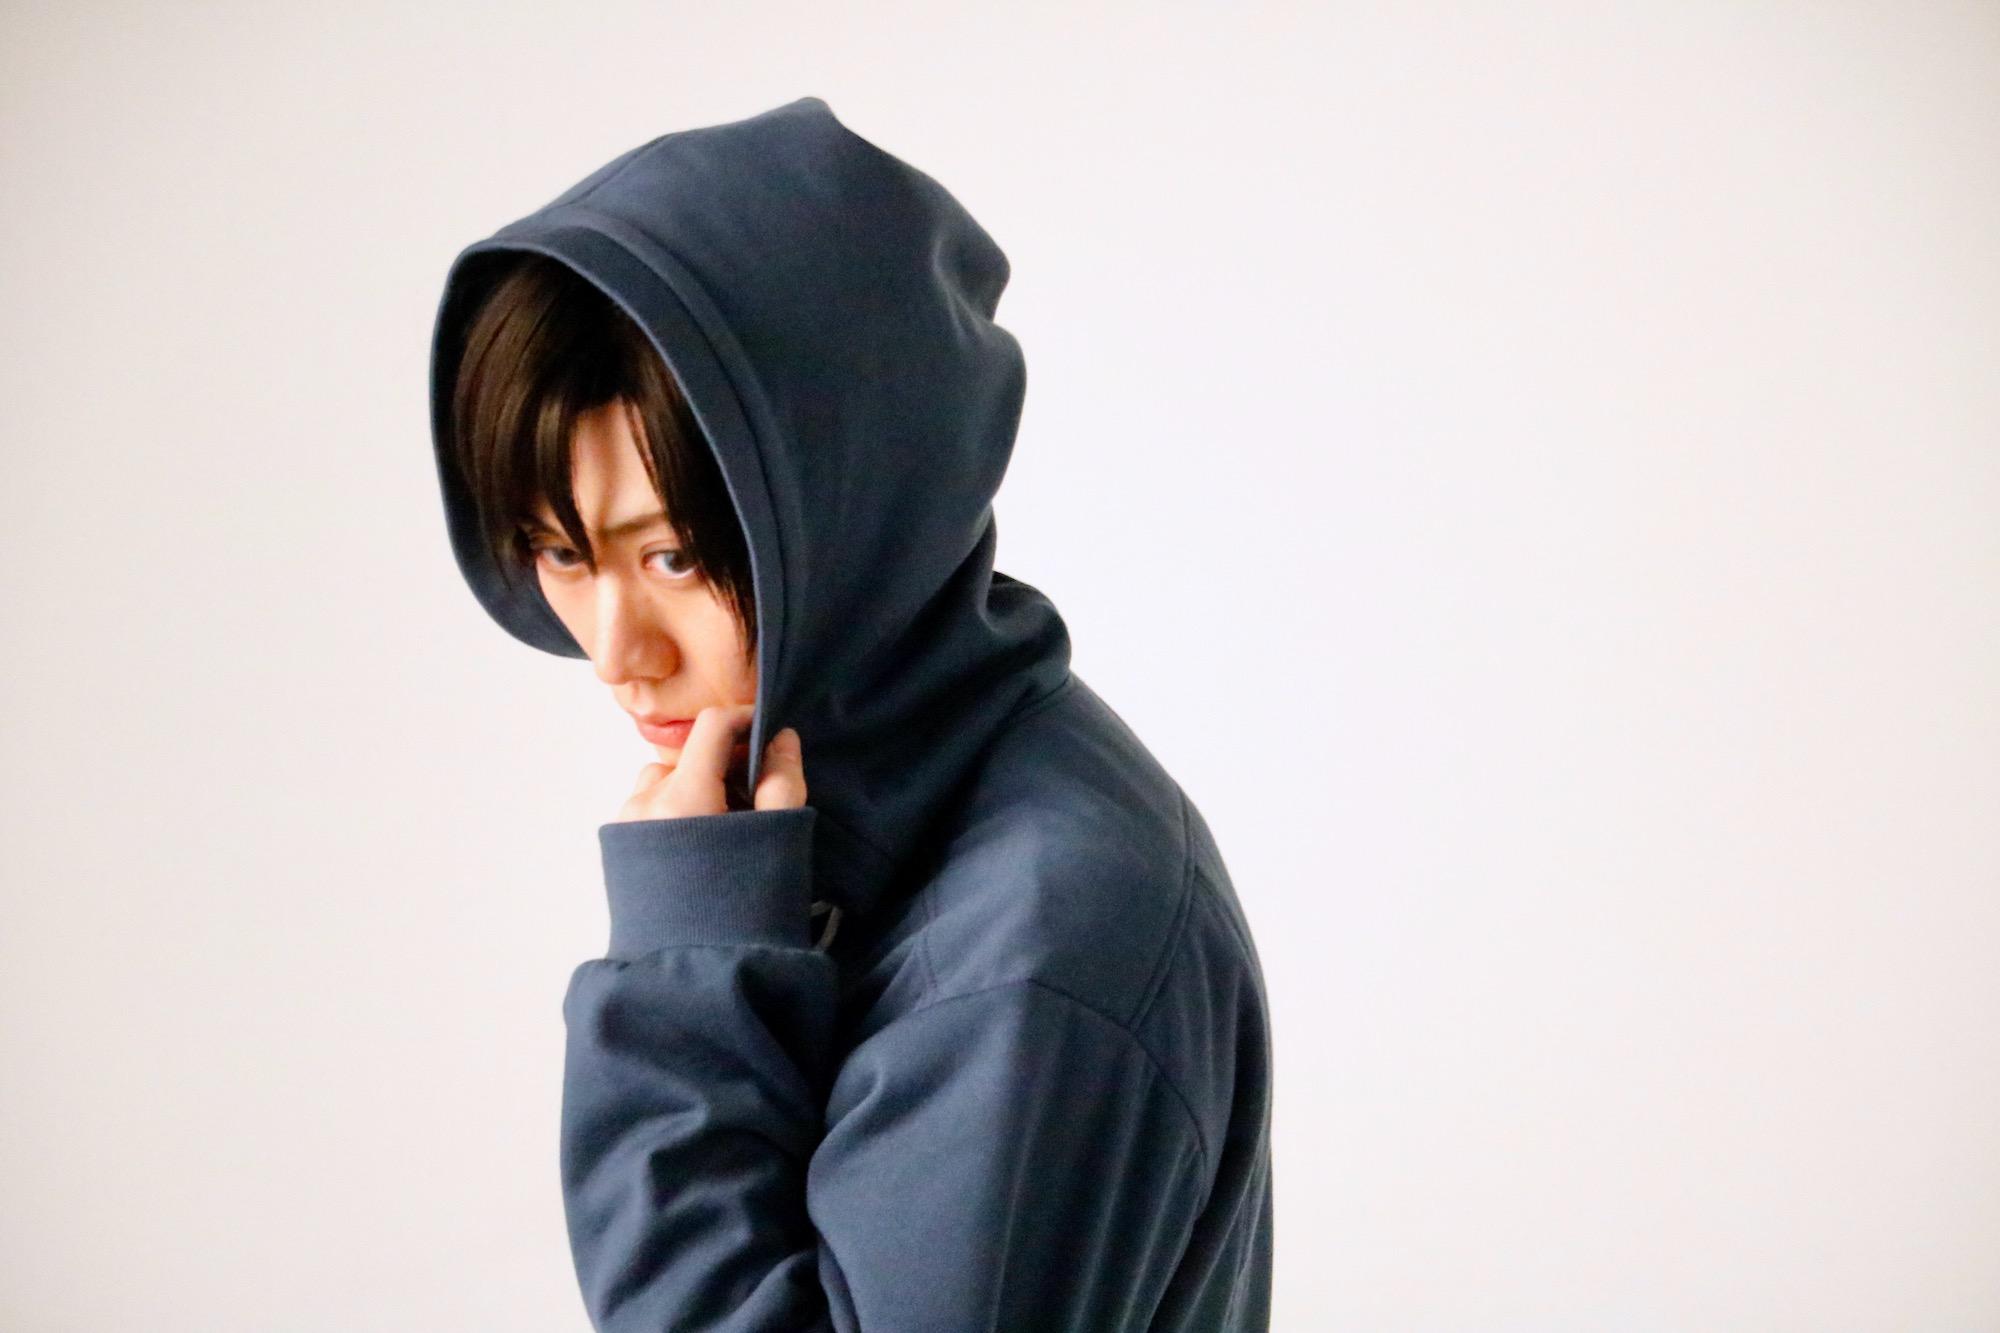 ハルト役太田基裕の白衣姿に歓声も!舞台『囚われのパルマ』ビジュアル撮影密着レポ イメージ画像